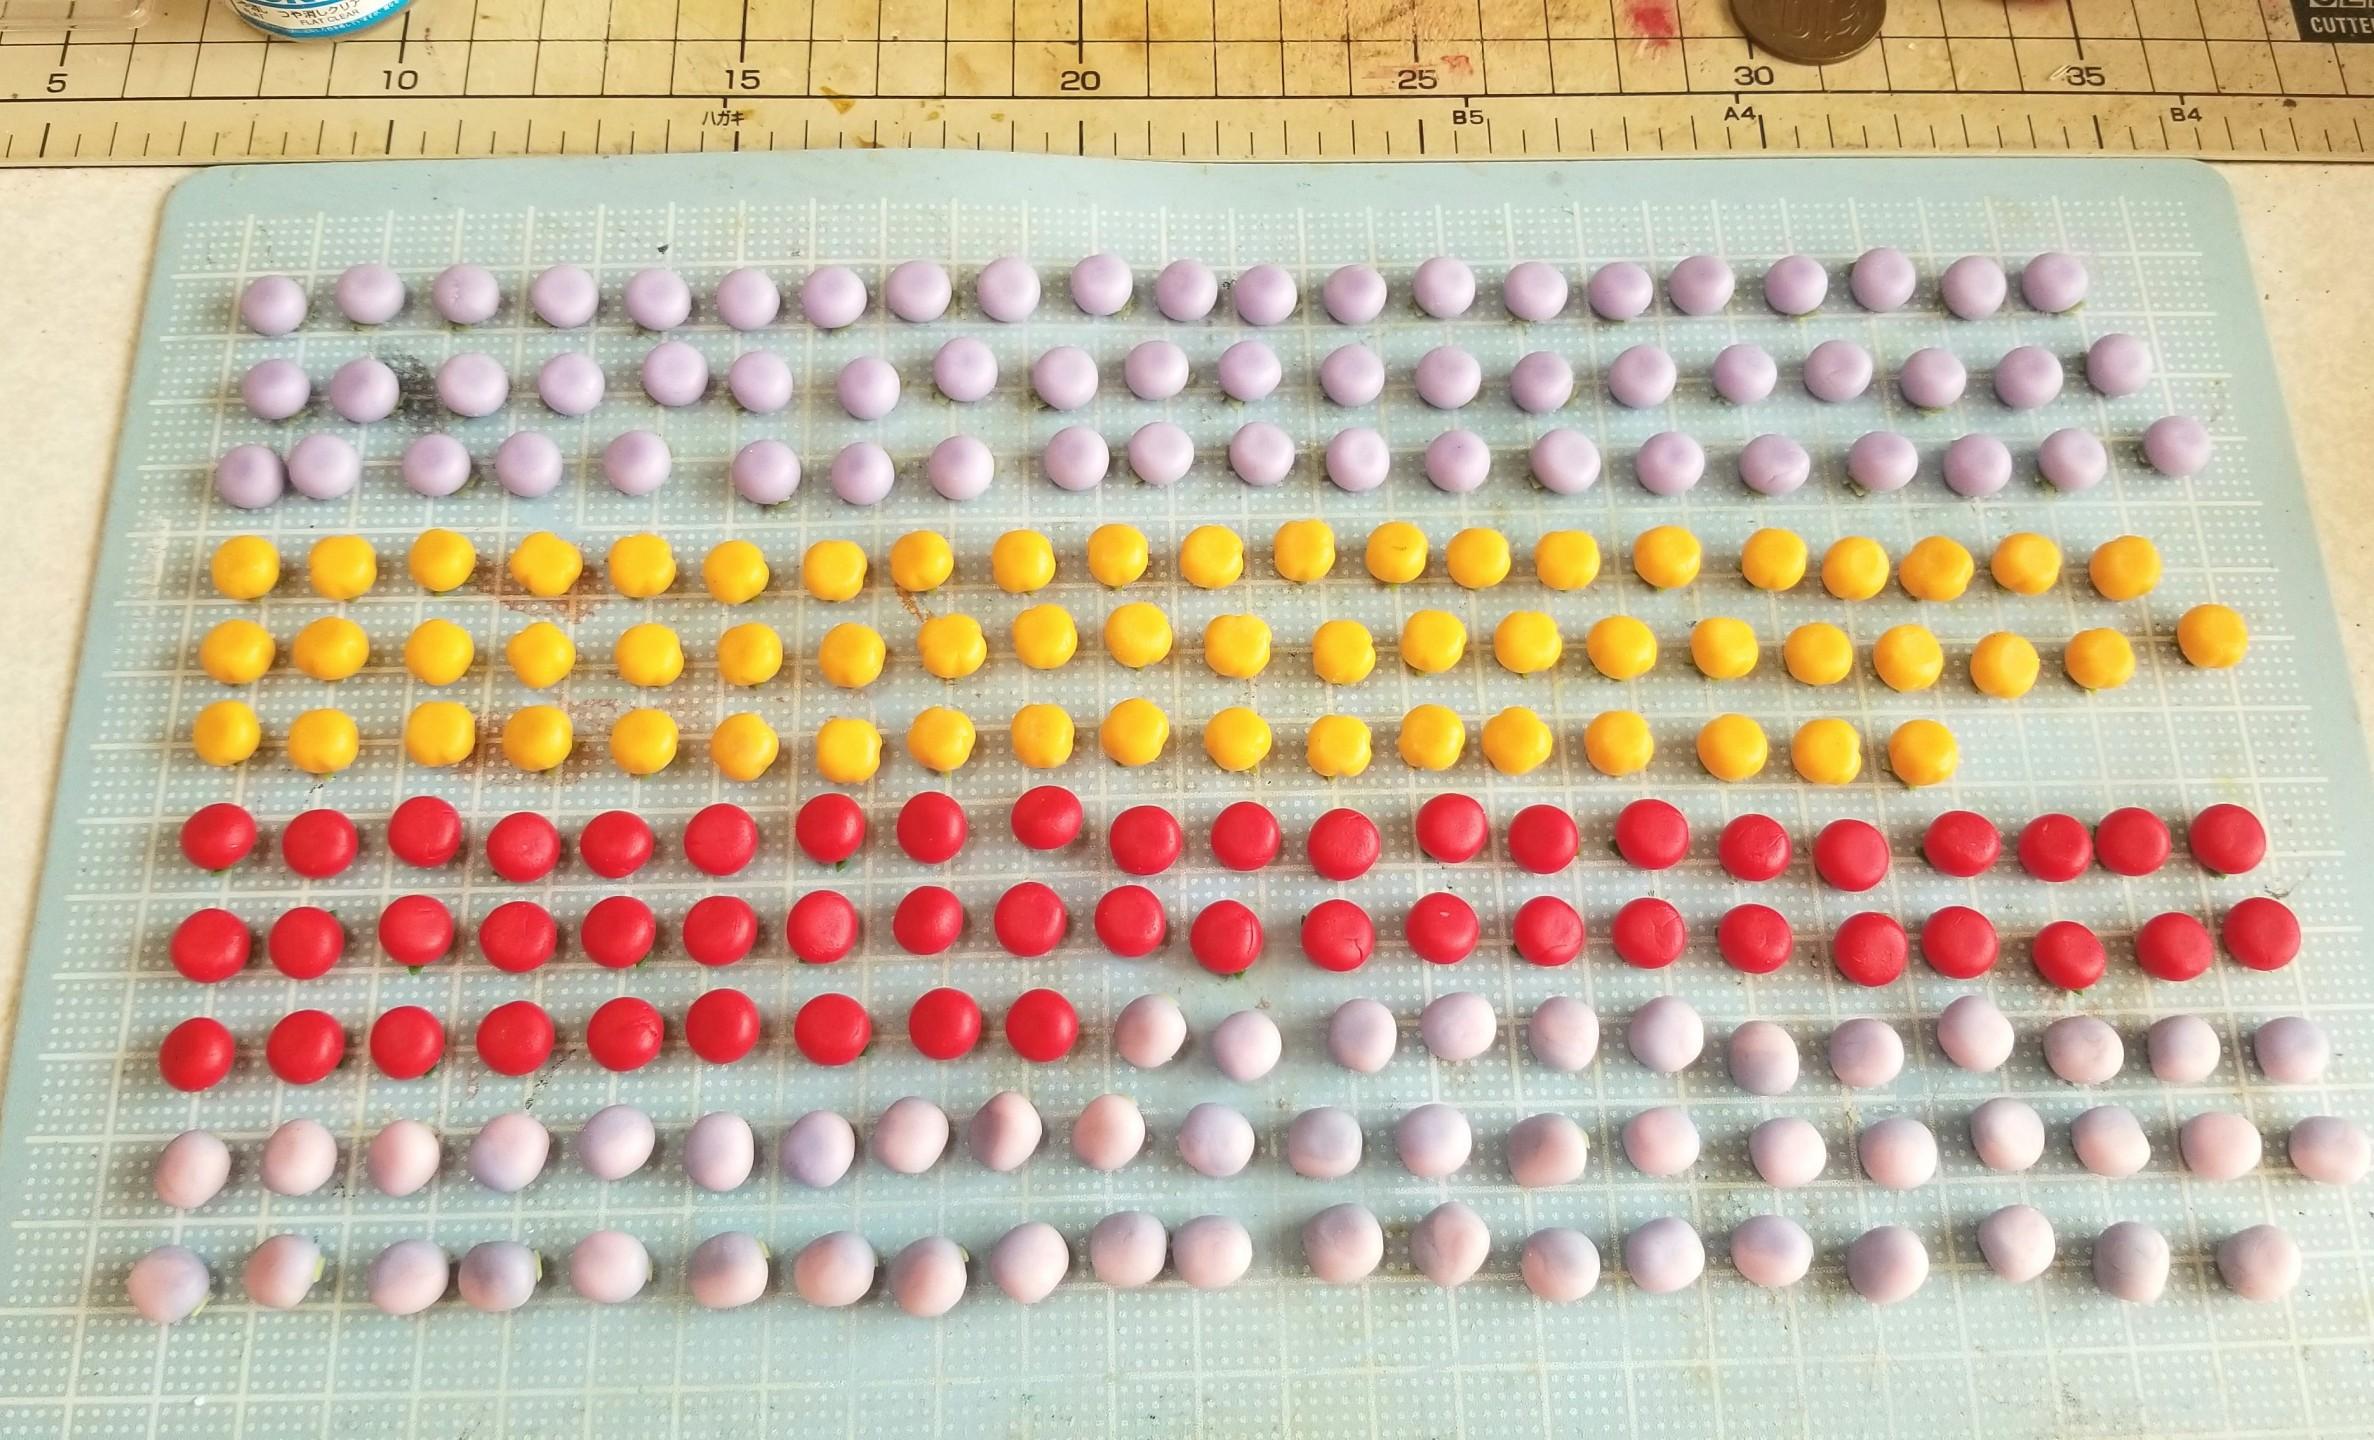 ミニチュアフード,和菓子,パーツ,作り方,樹脂粘土,ドールハウス